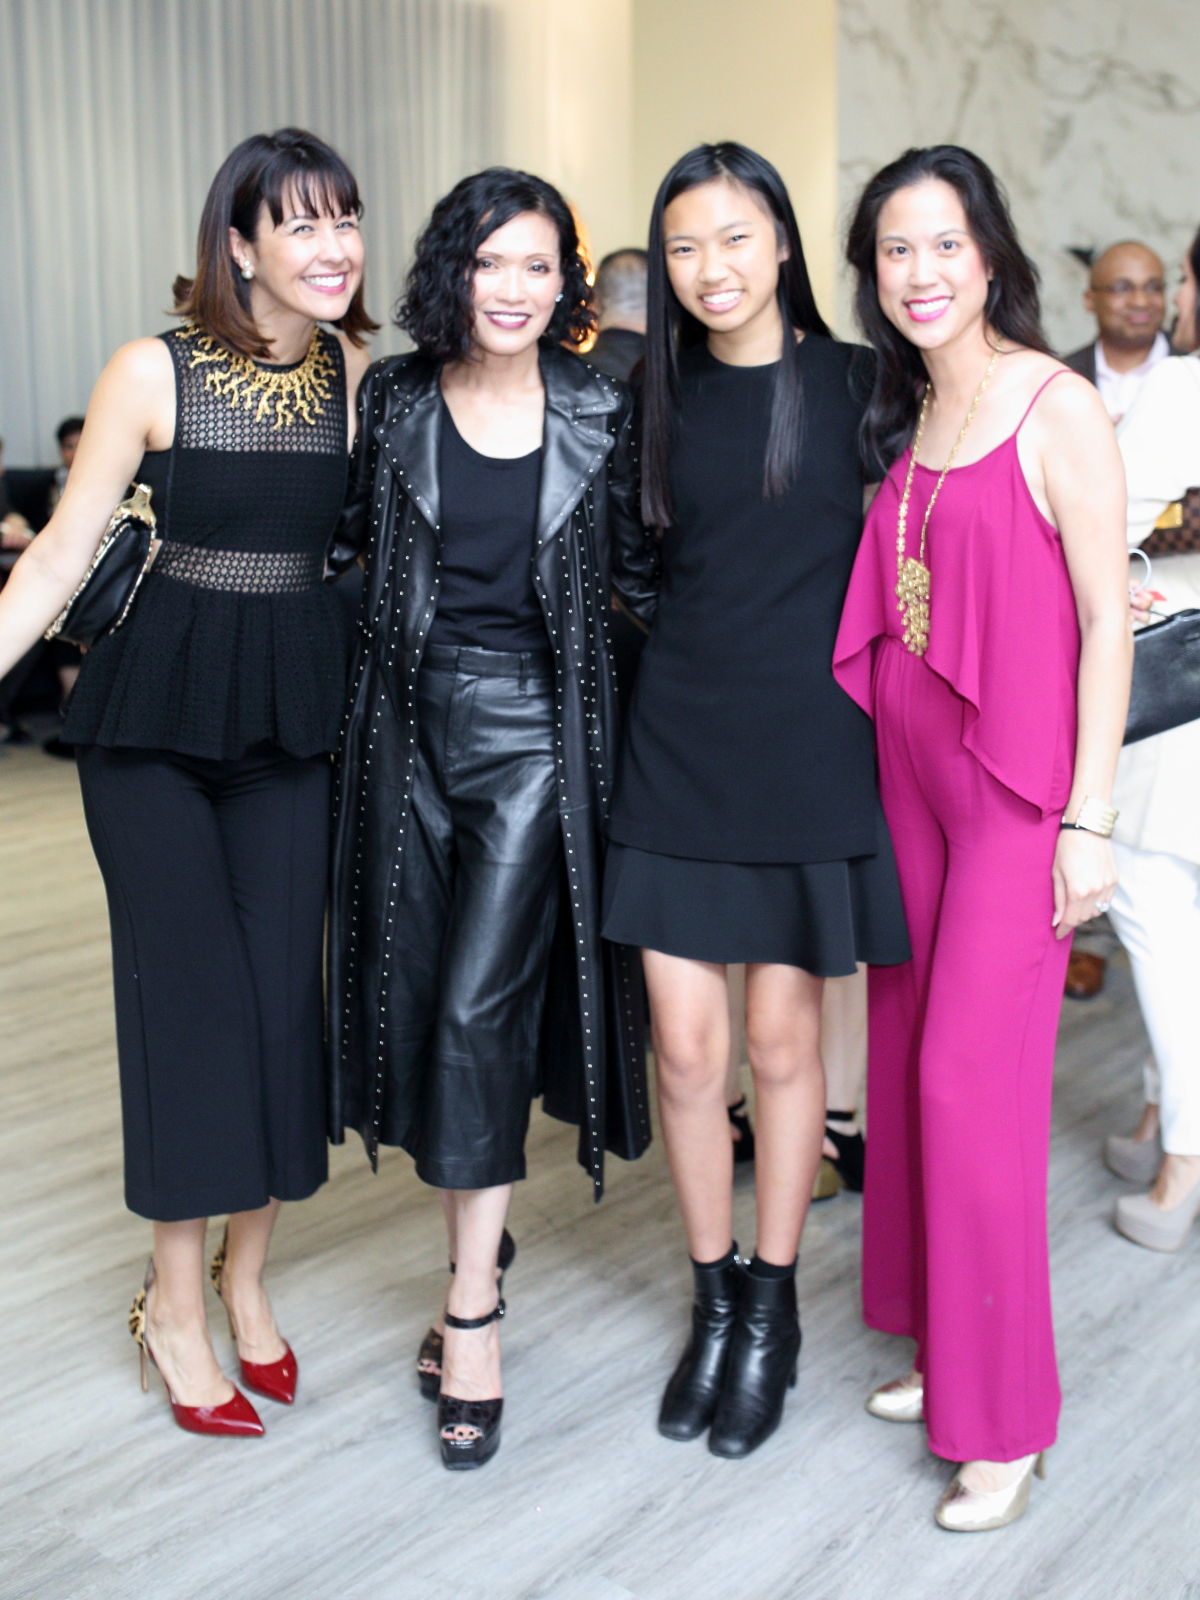 Houston, Carnaval De 51fifteen, May 2016, Carrie Colbert, Duyen Nguyen, Anais Nguyen, Marie Dang